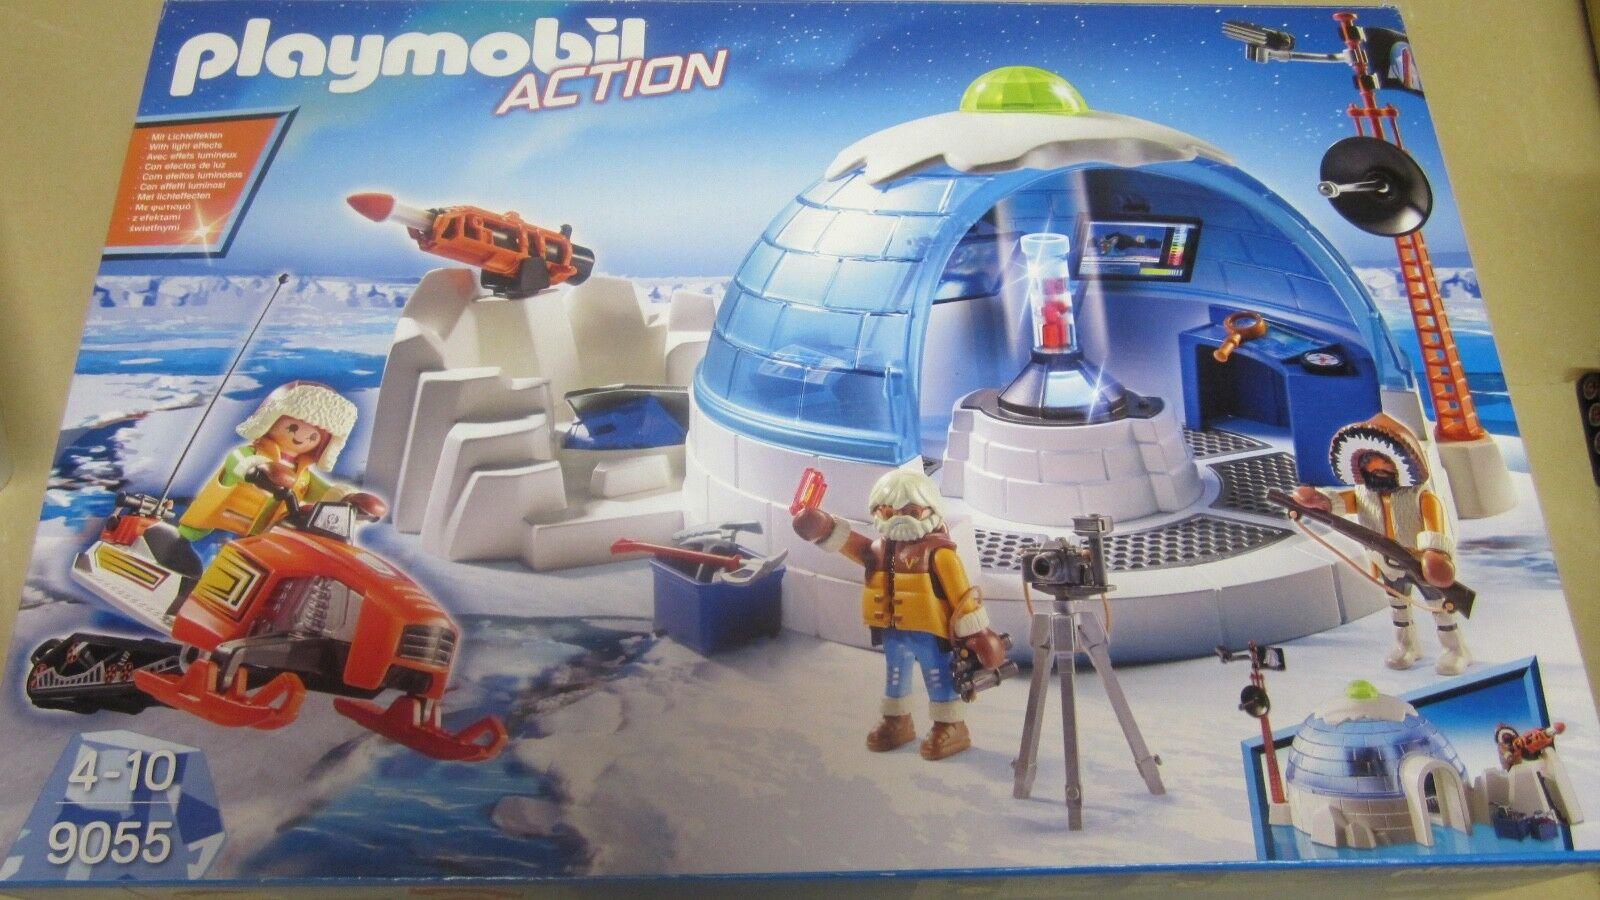 Playmobil Action 9055 base polaire expédition banquise pole hiver moto neige ski